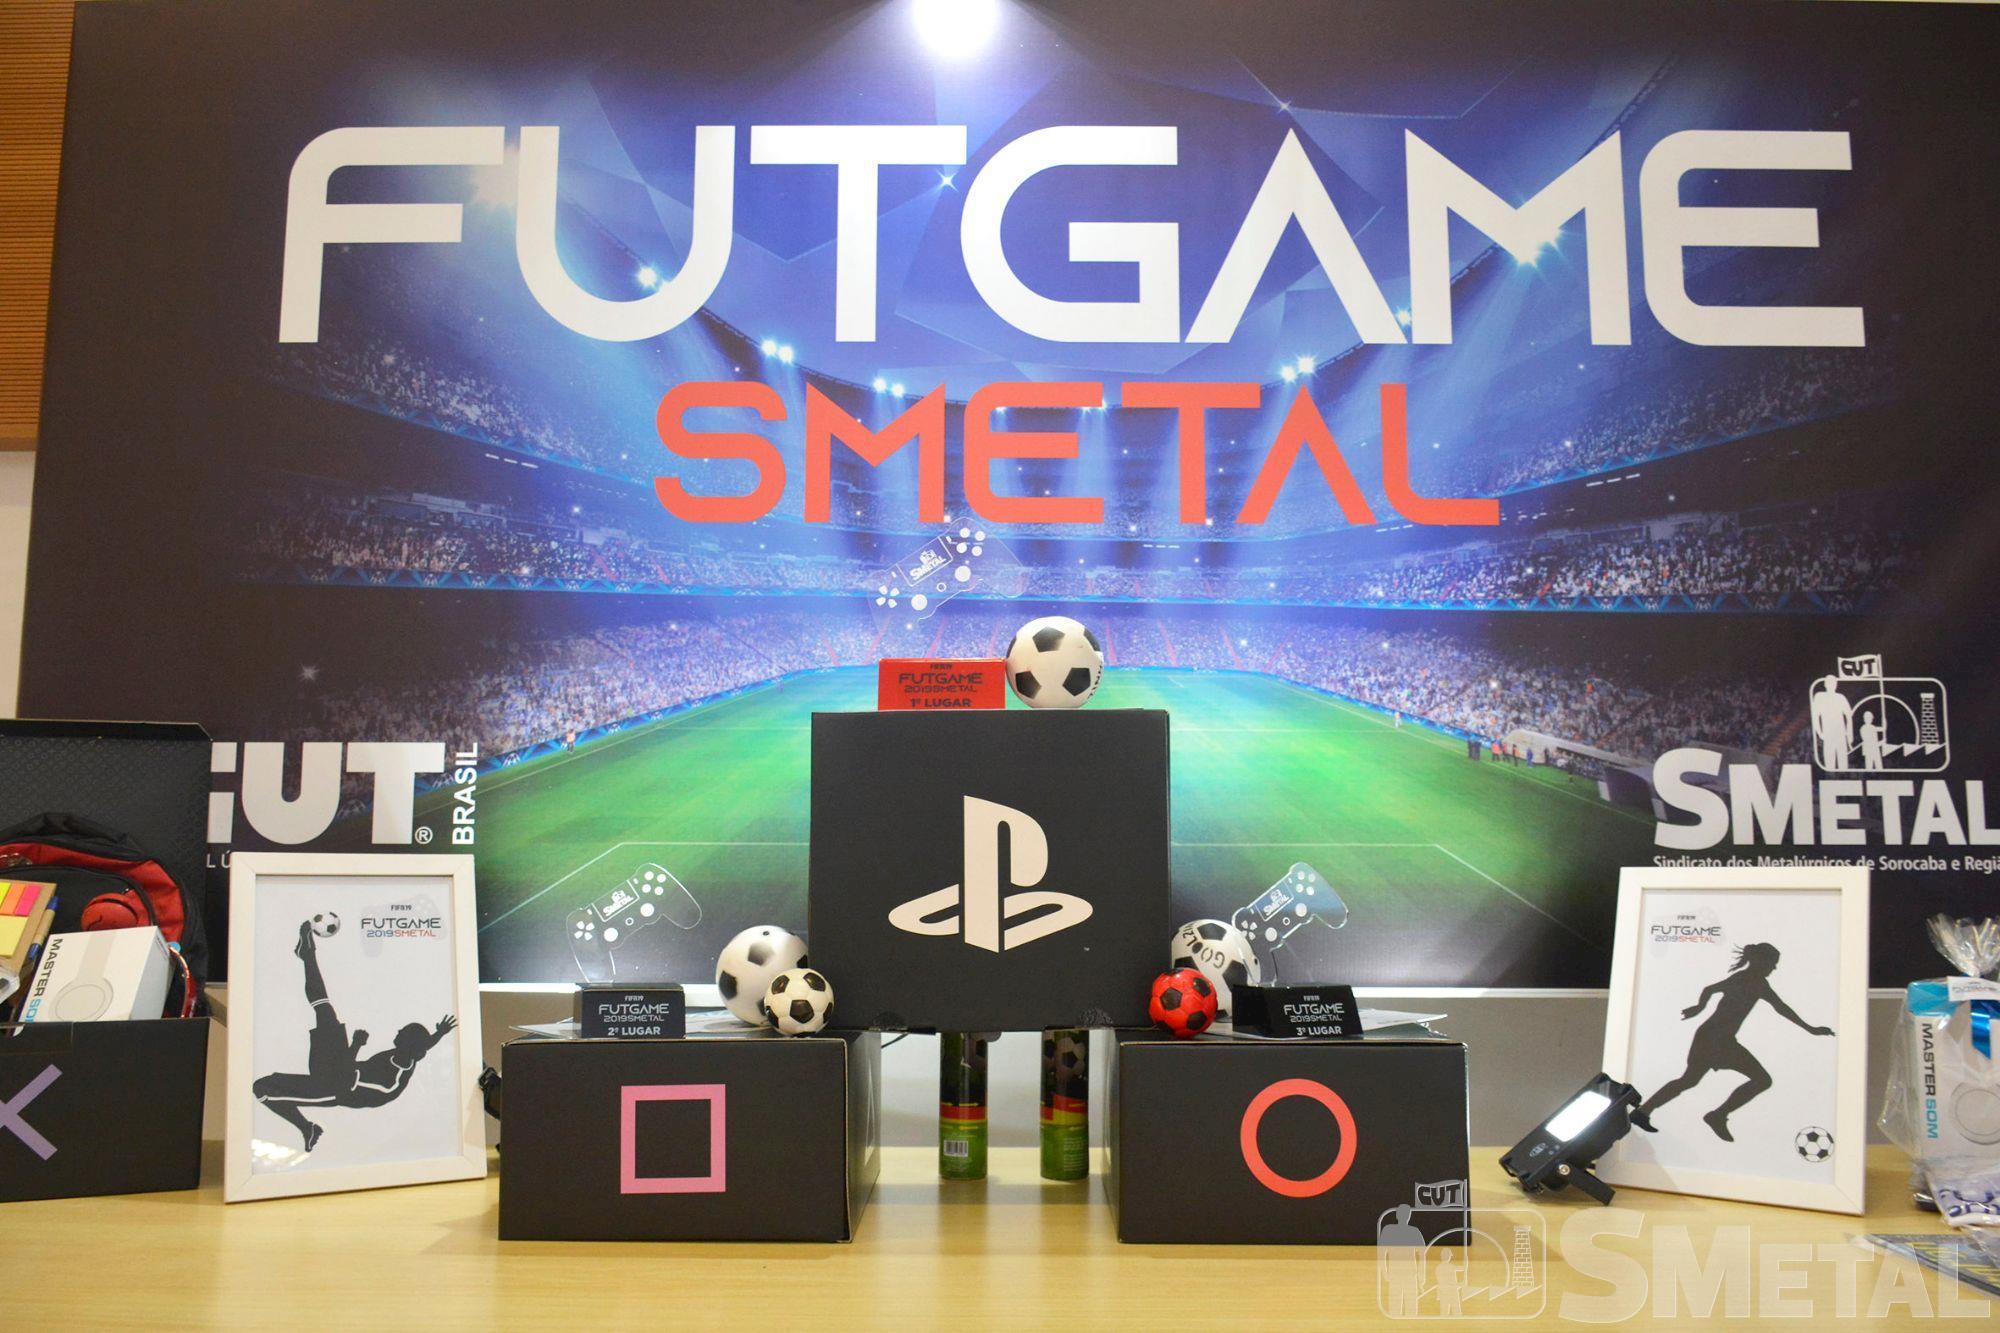 Segunda fase e final do Torneio de Futgame do SMetal 2019, futgame,  smetal,  final,  torneio,  sorocaba,  fifa,  videogame,  ps4,  rafael, Foguinho/Imprensa SMetal, 9º Torneio de Futgame do SMetal - segunda fase e final